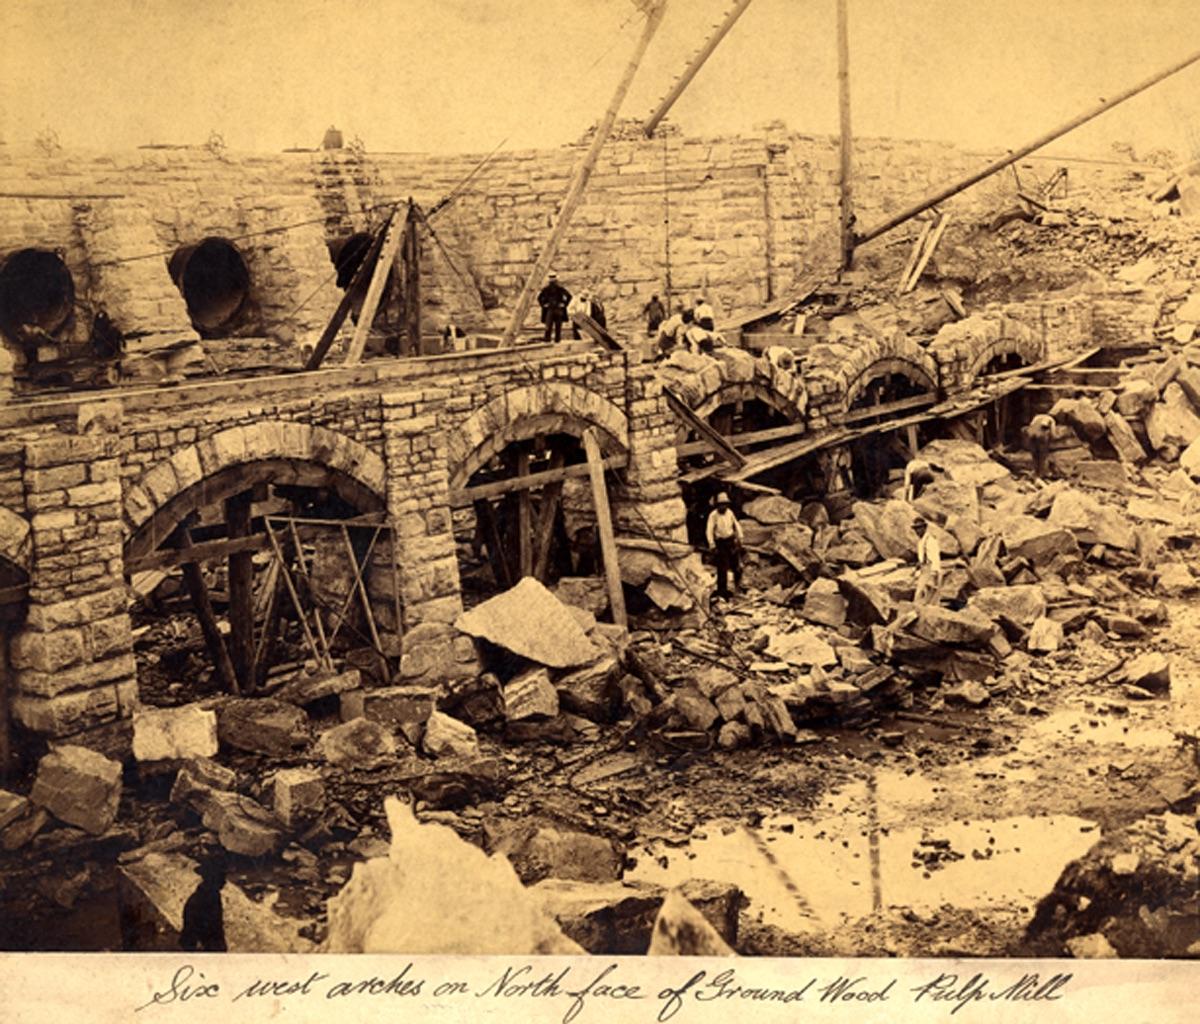 Construction d'arches en grès. Scène animée avec grues, pierres et travailleurs.